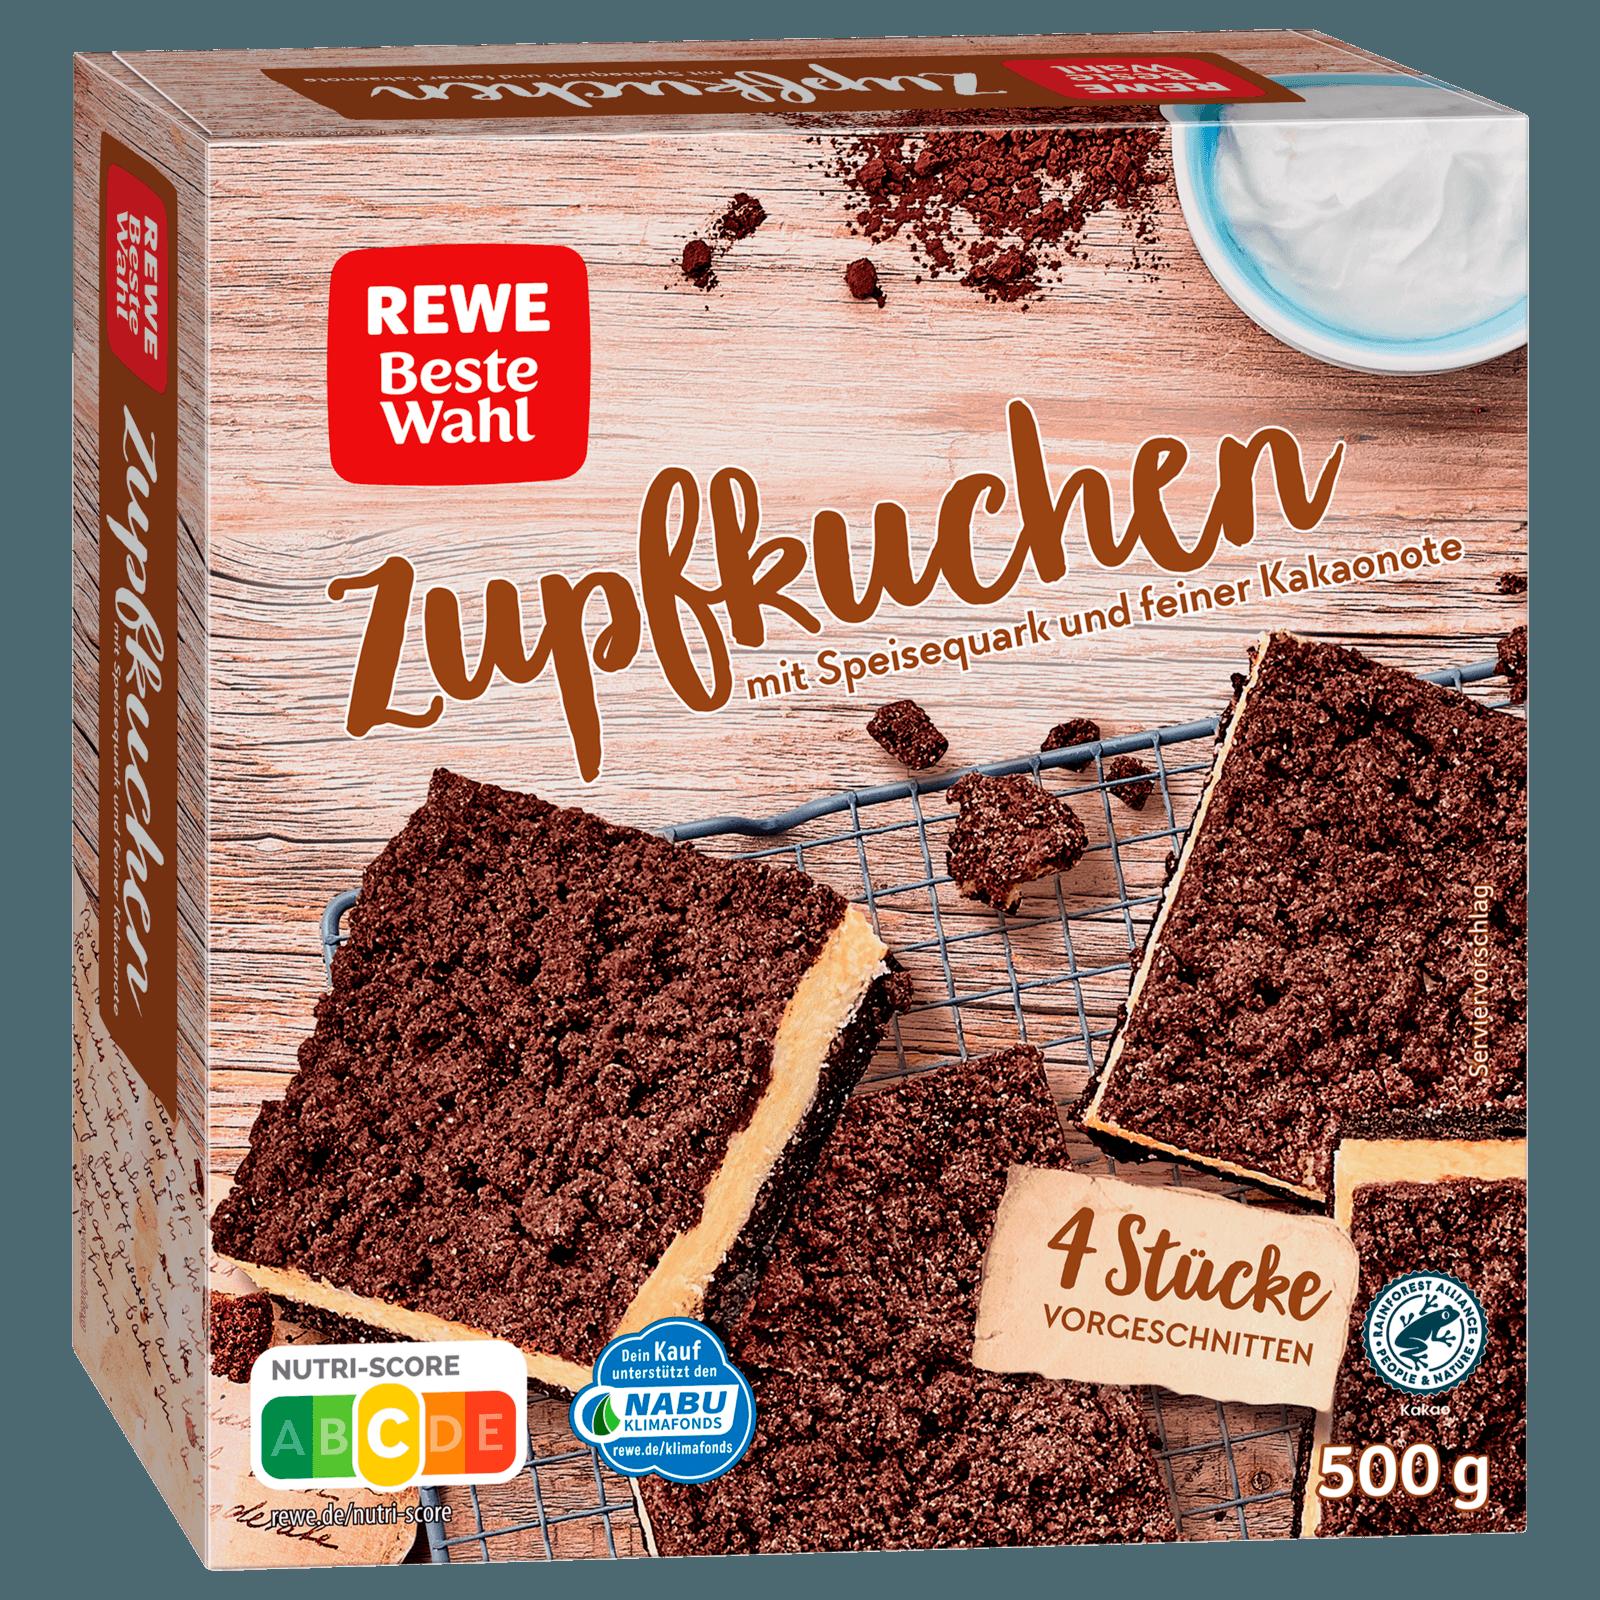 REWE Beste Wahl Zupfkuchen 500g